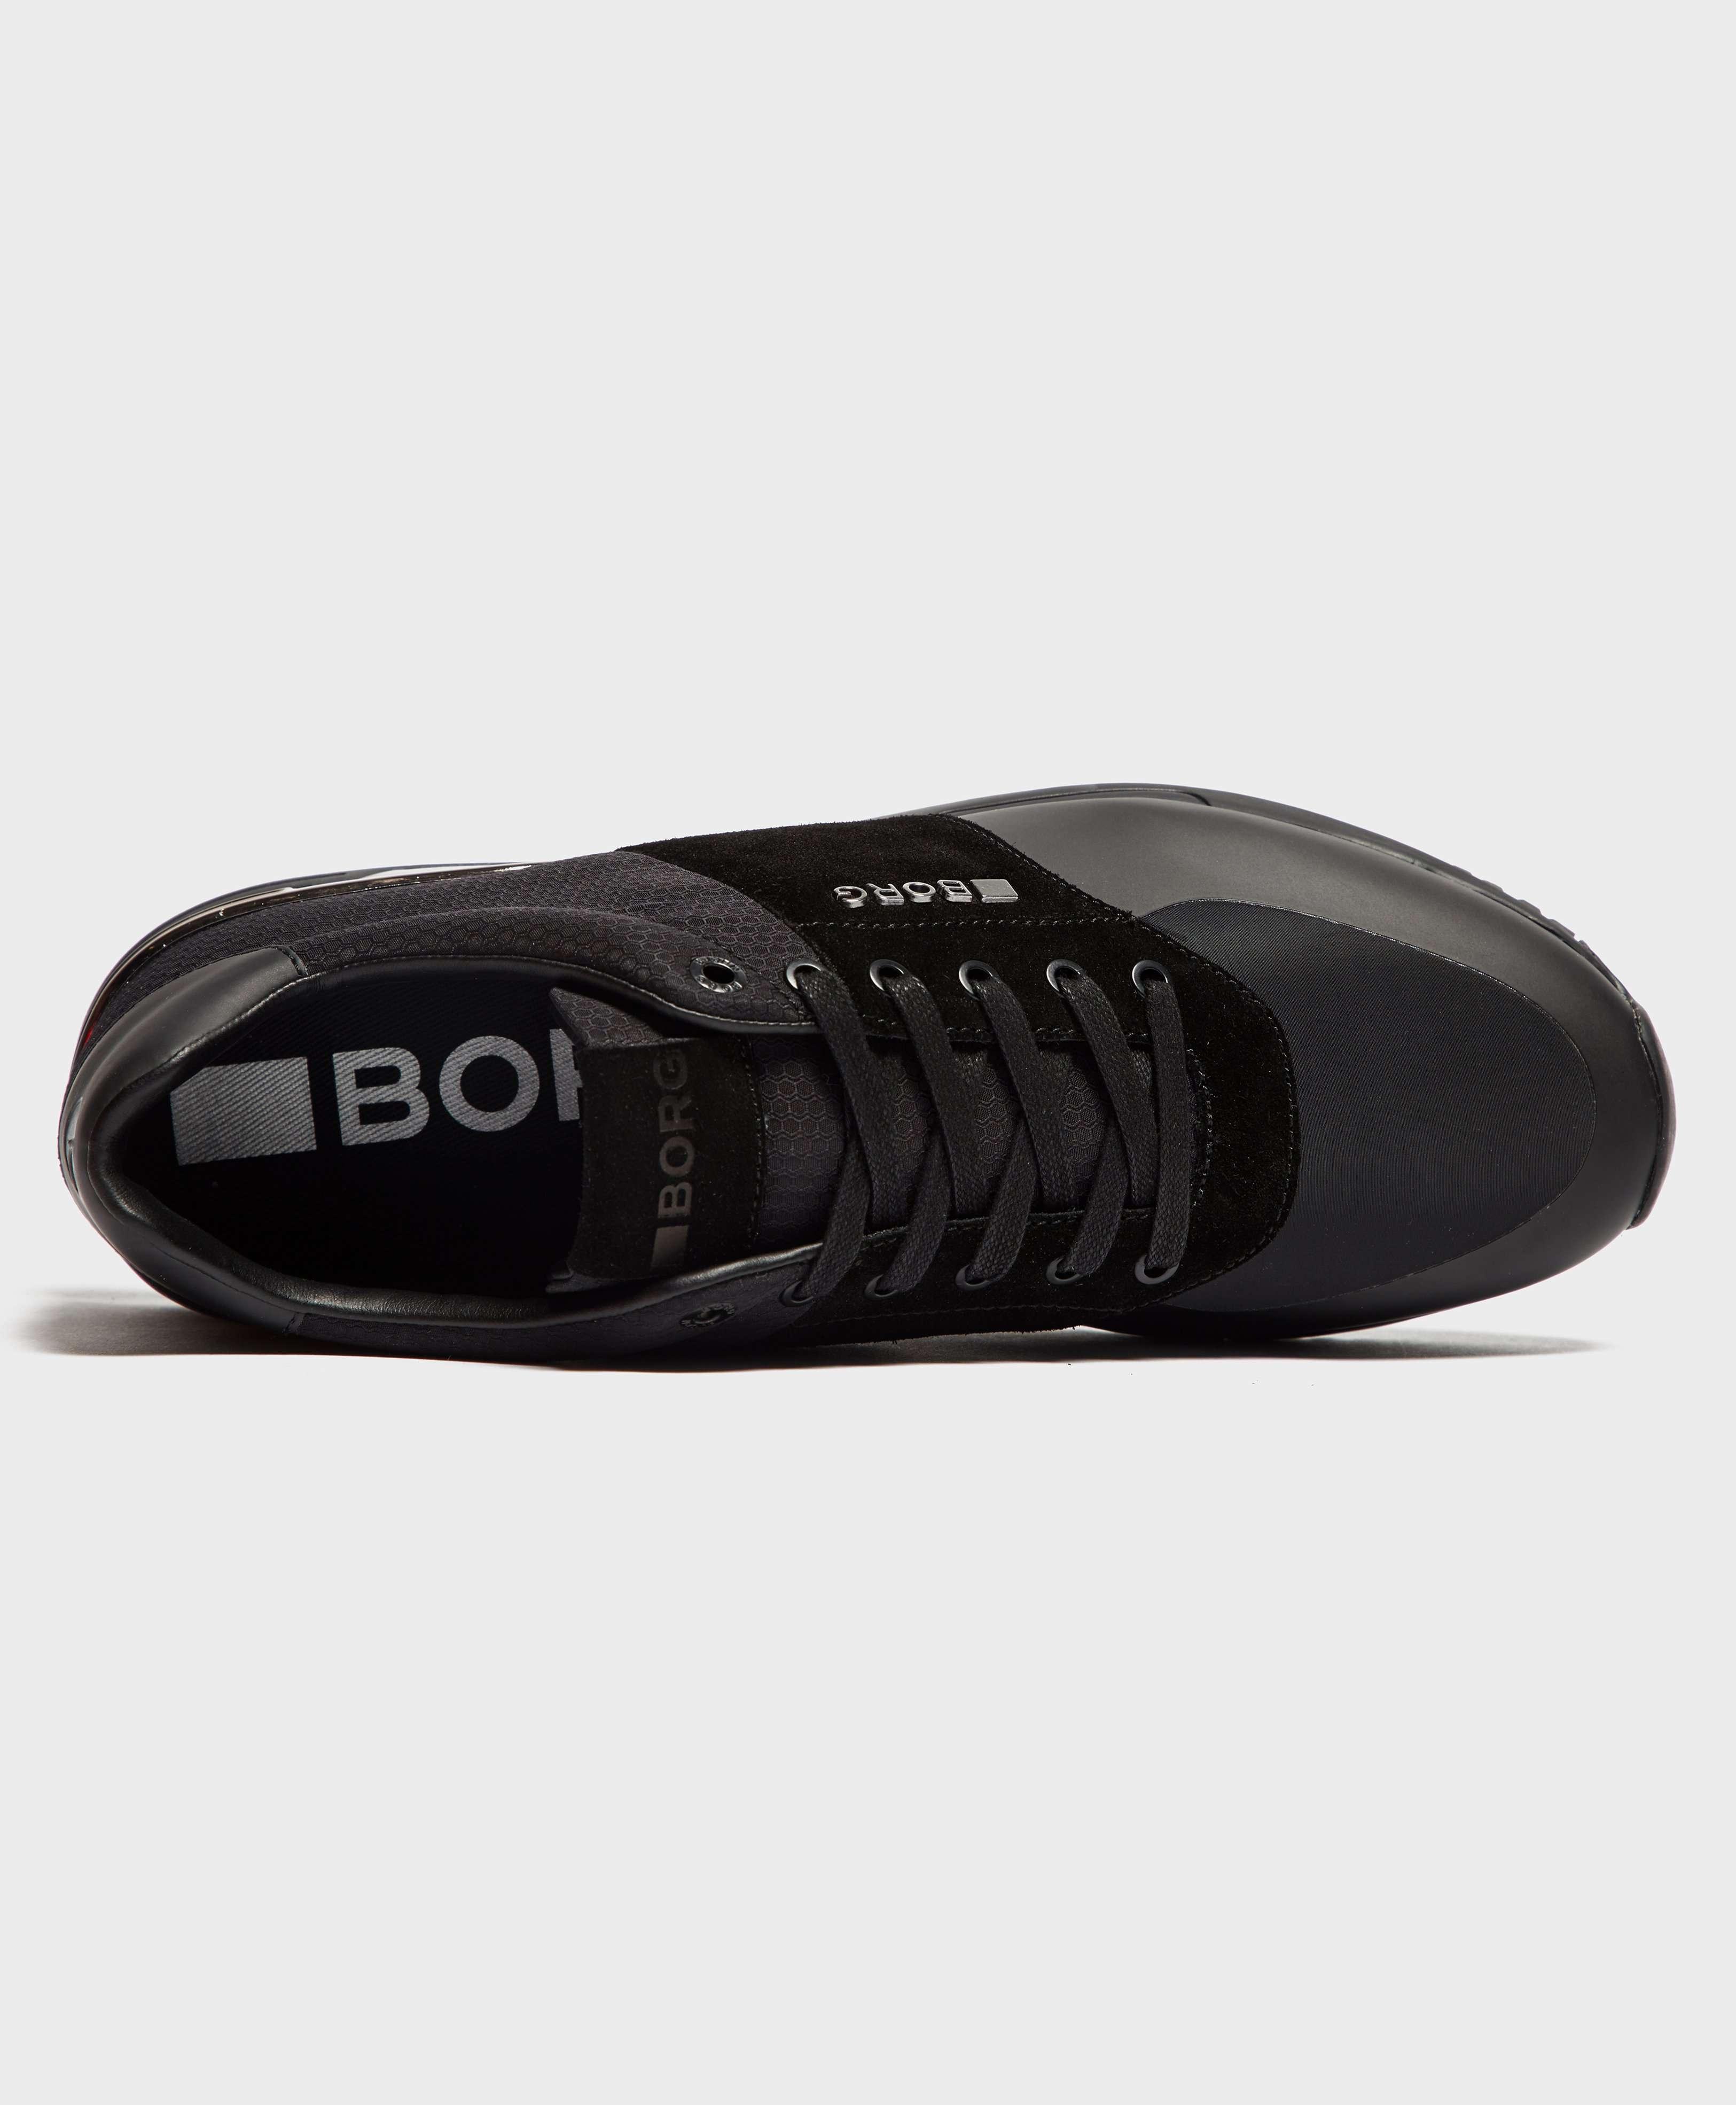 Bjorn Borg R105 Low